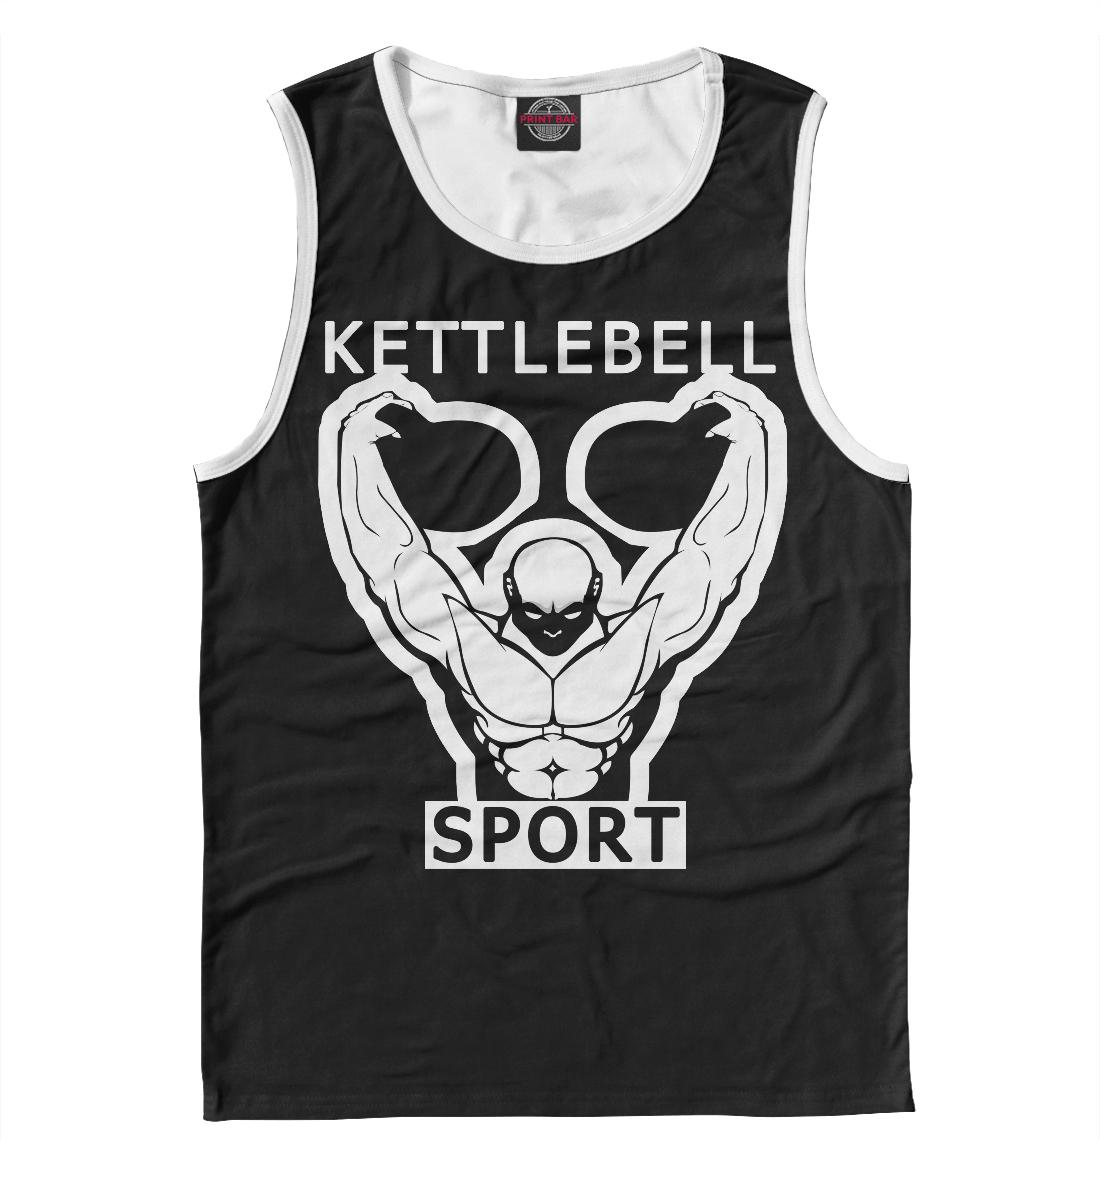 Купить Гиревой спорт/Kettlebell sport, Printbar, Майки, NOV-566995-may-2